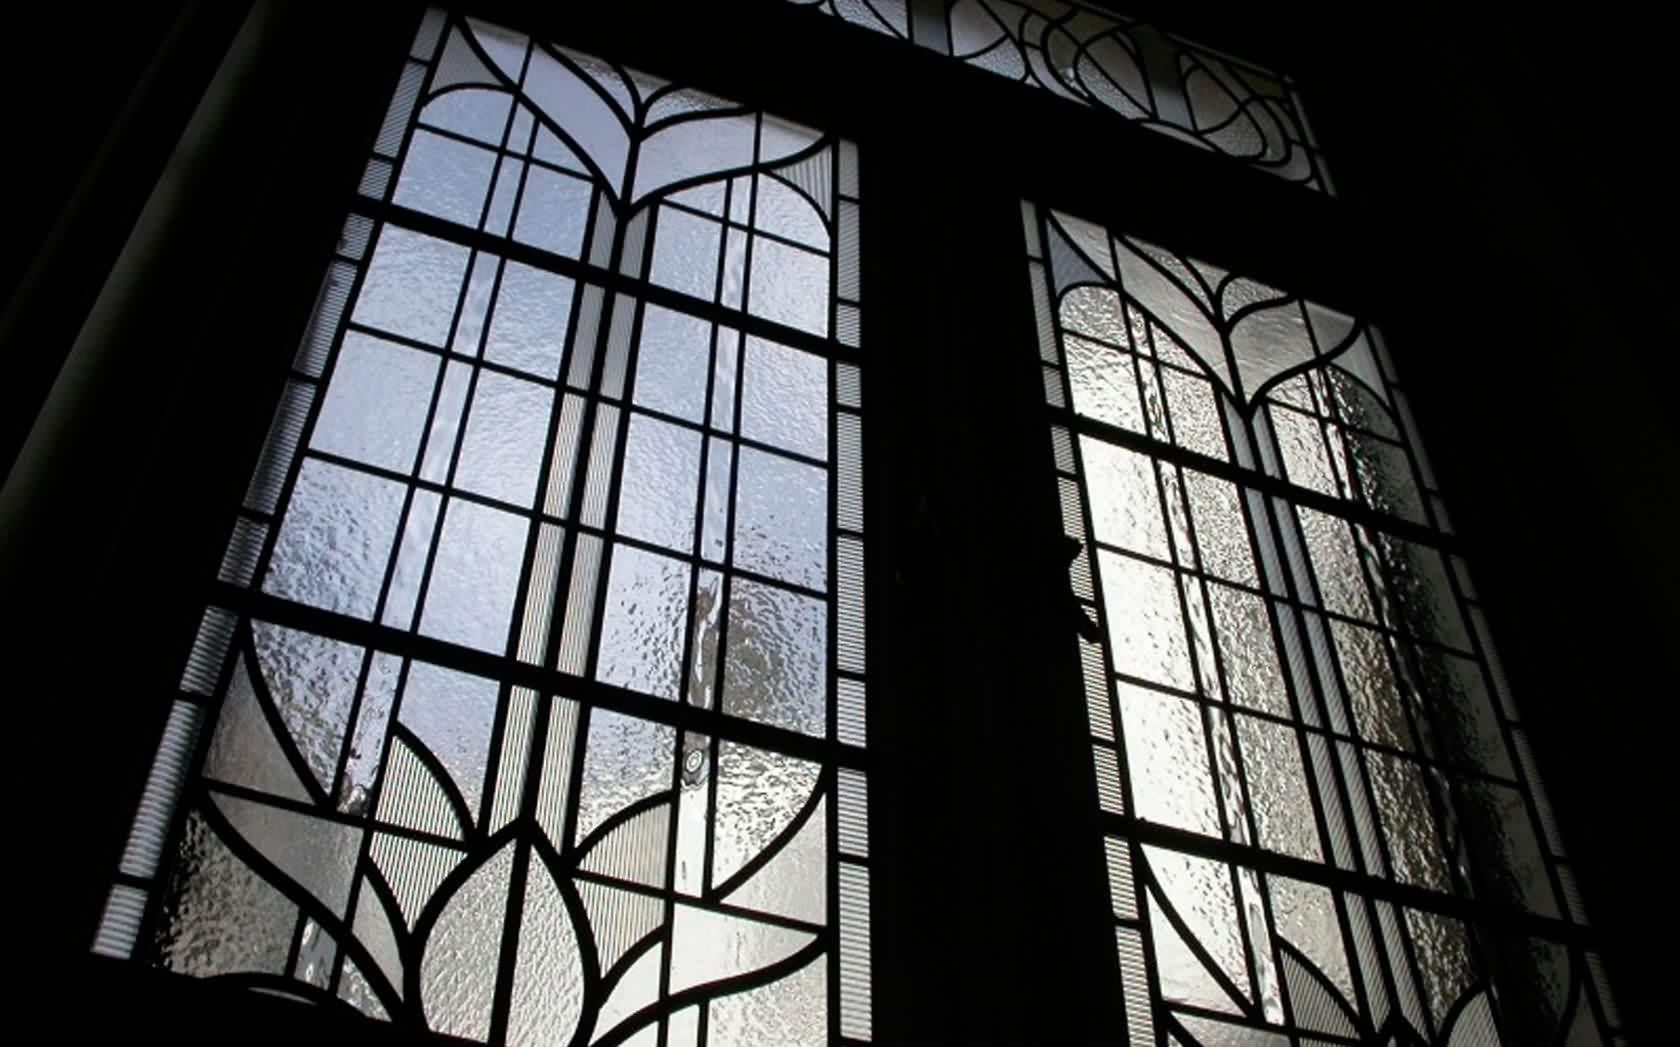 Monochrome Stained Glass Window